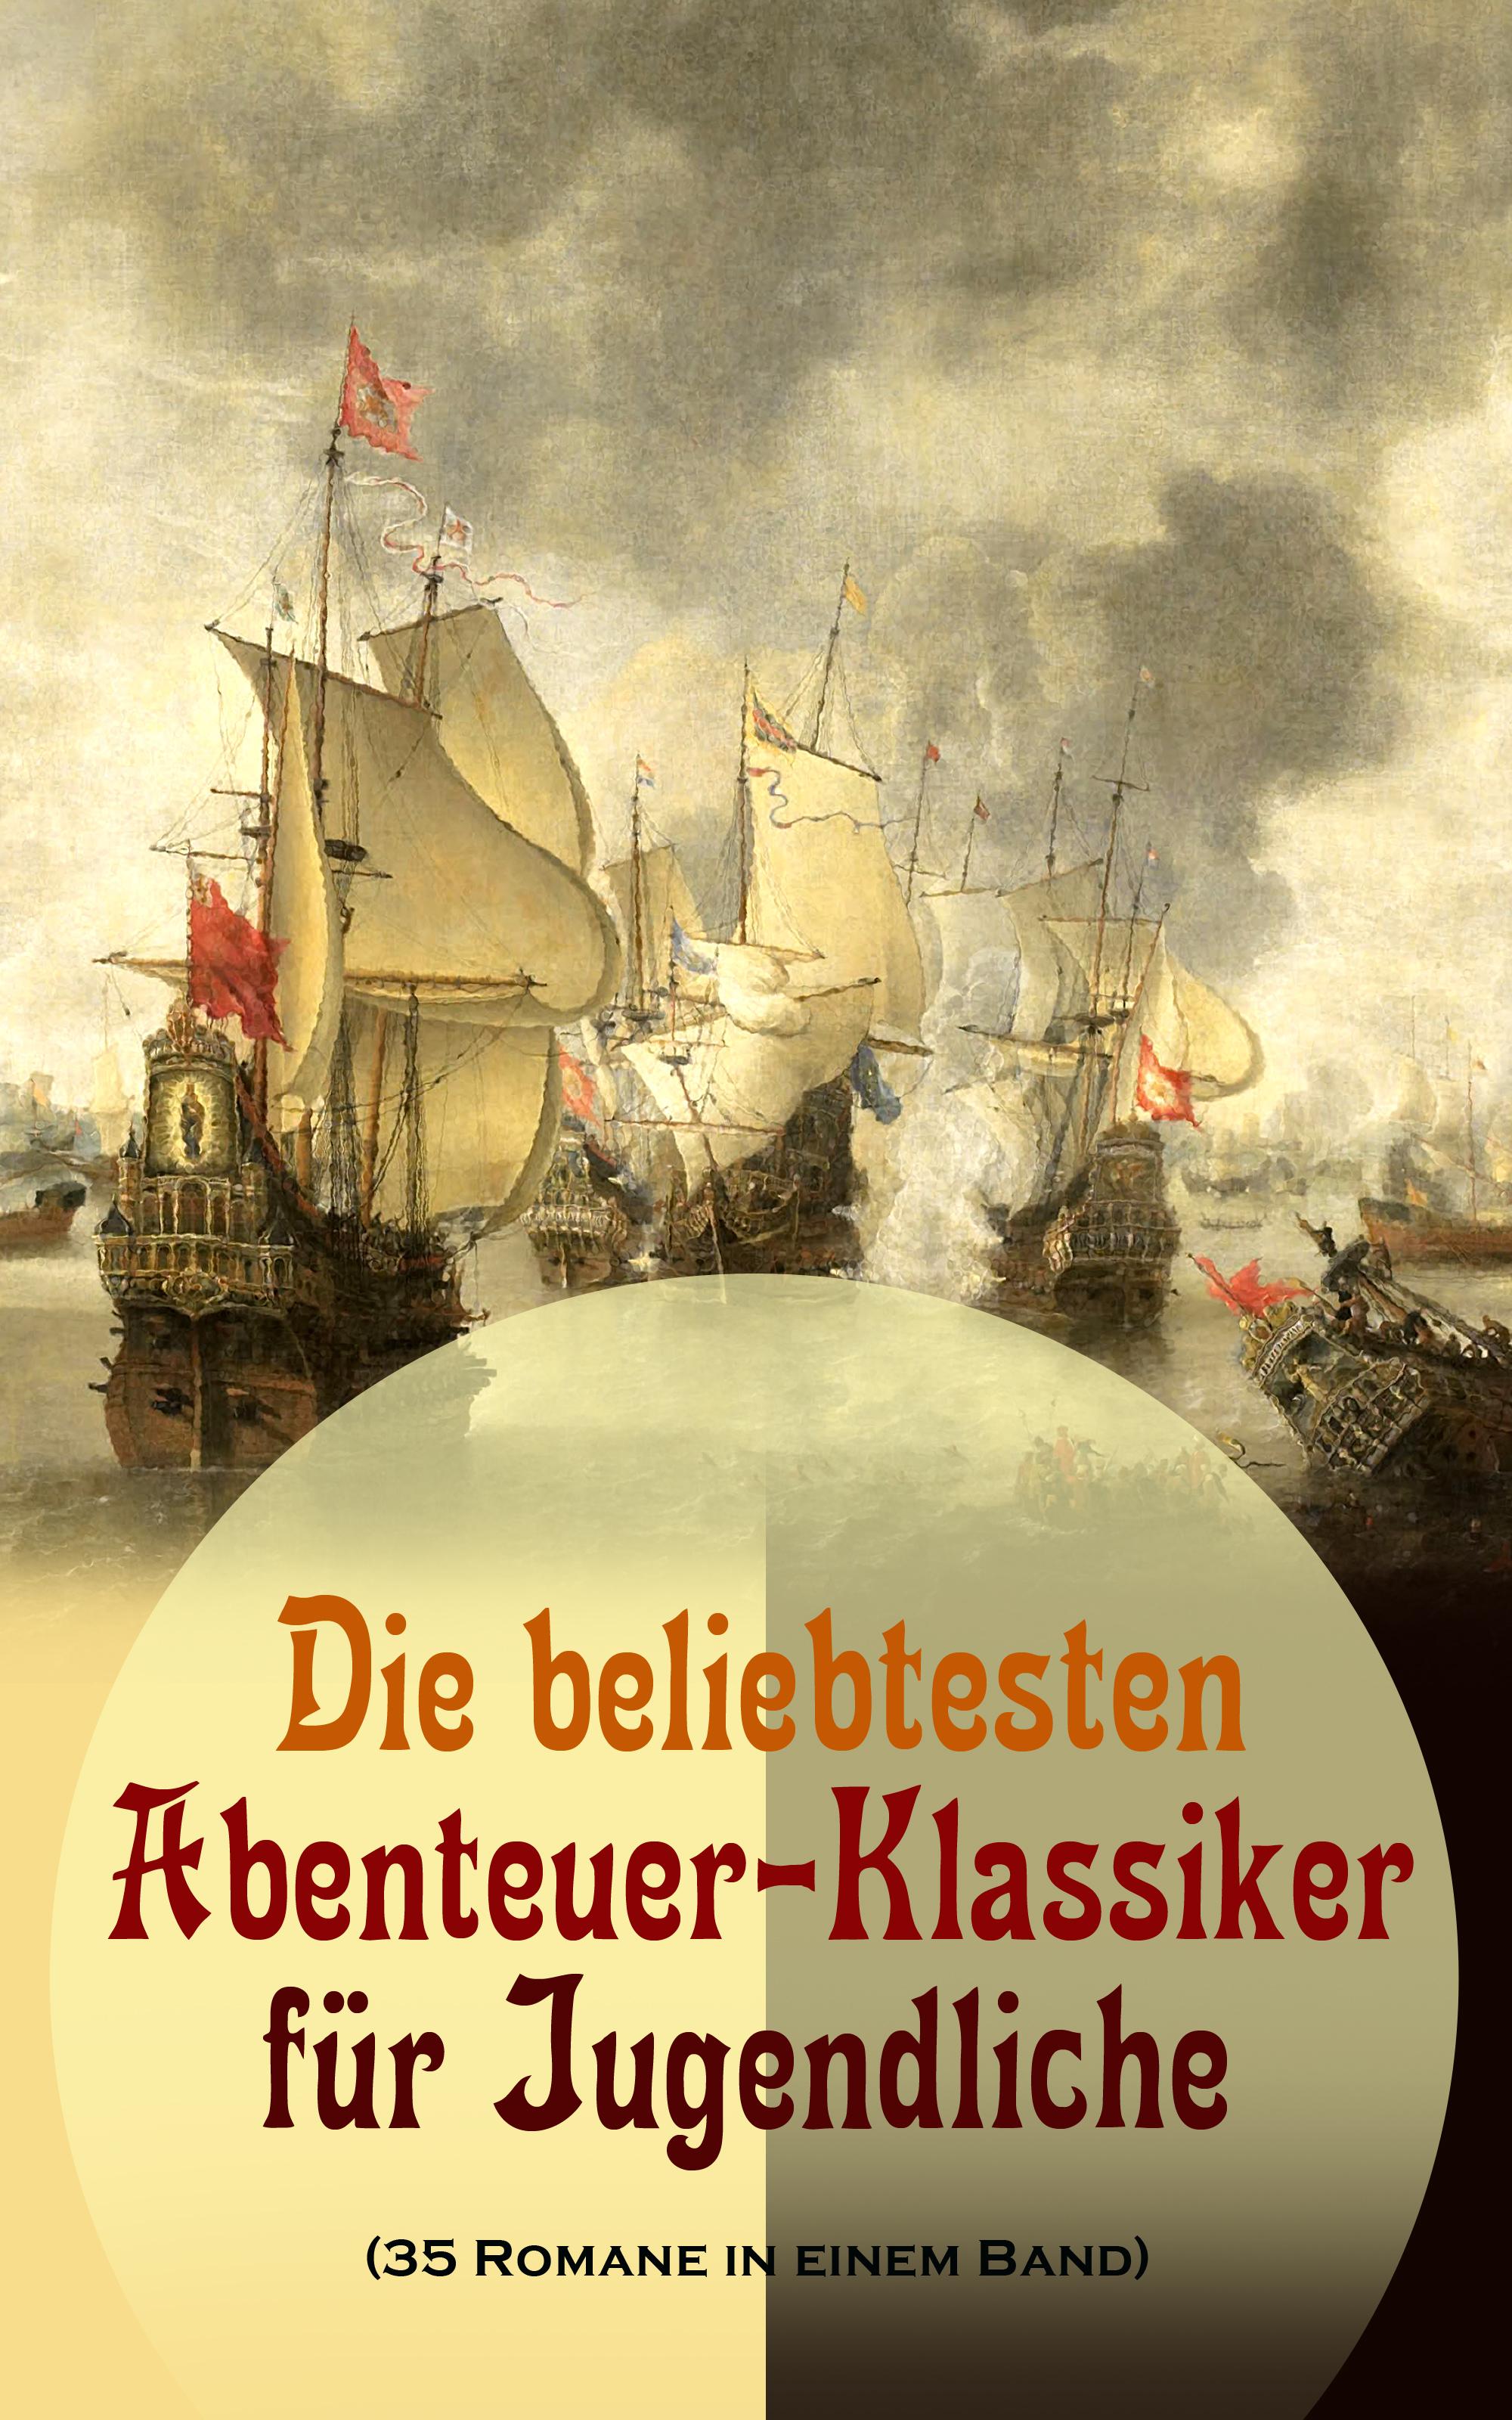 цена на Джеймс Фенимор Купер Die beliebtesten Abenteuer-Klassiker für Jugendliche (35 Romane in einem Band)